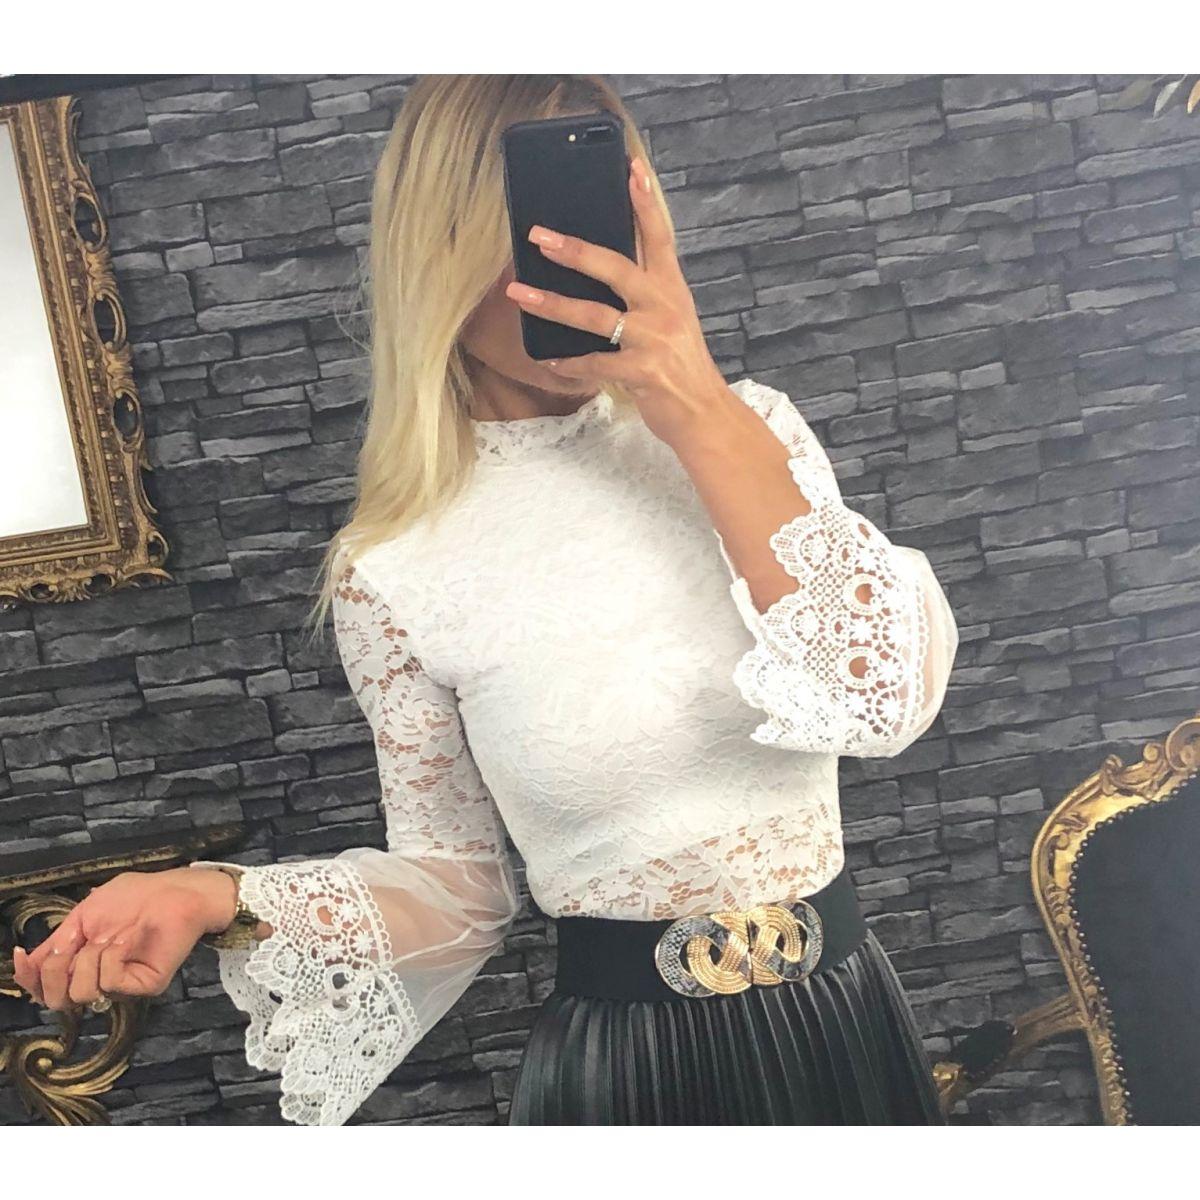 magasin britannique détaillant prix imbattable Blouse en dentelle blanche manches en tulles et dentelle évasées